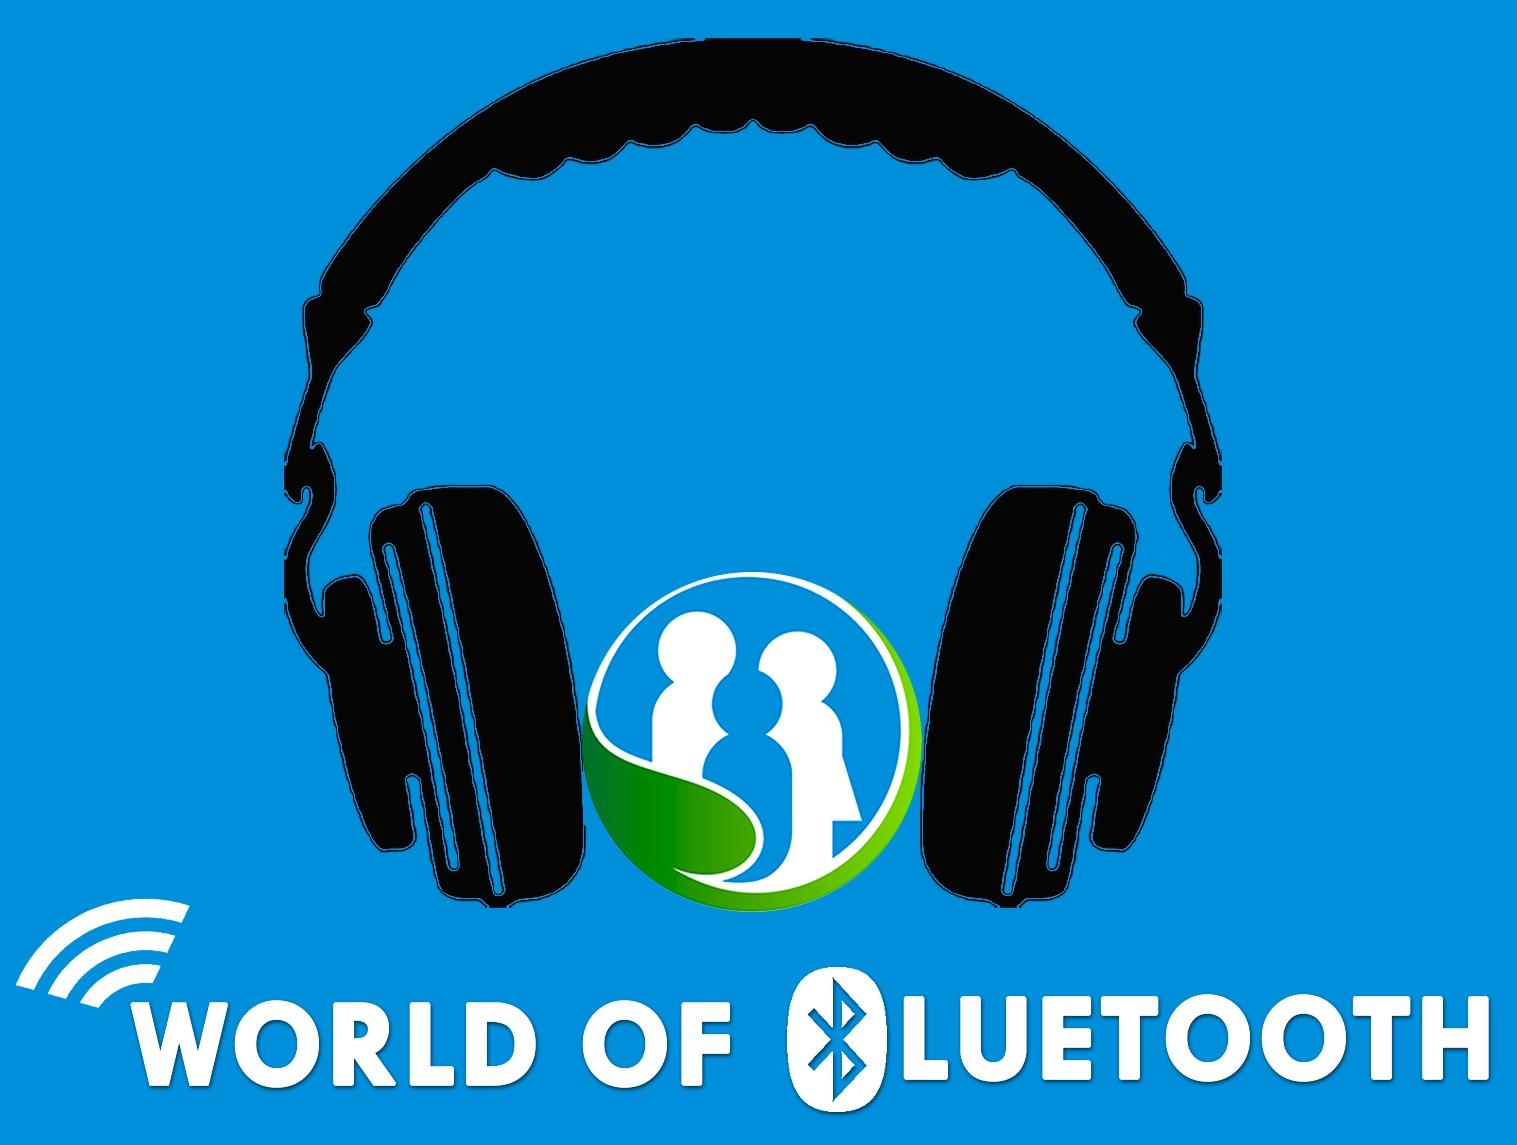 World of Bluetooth